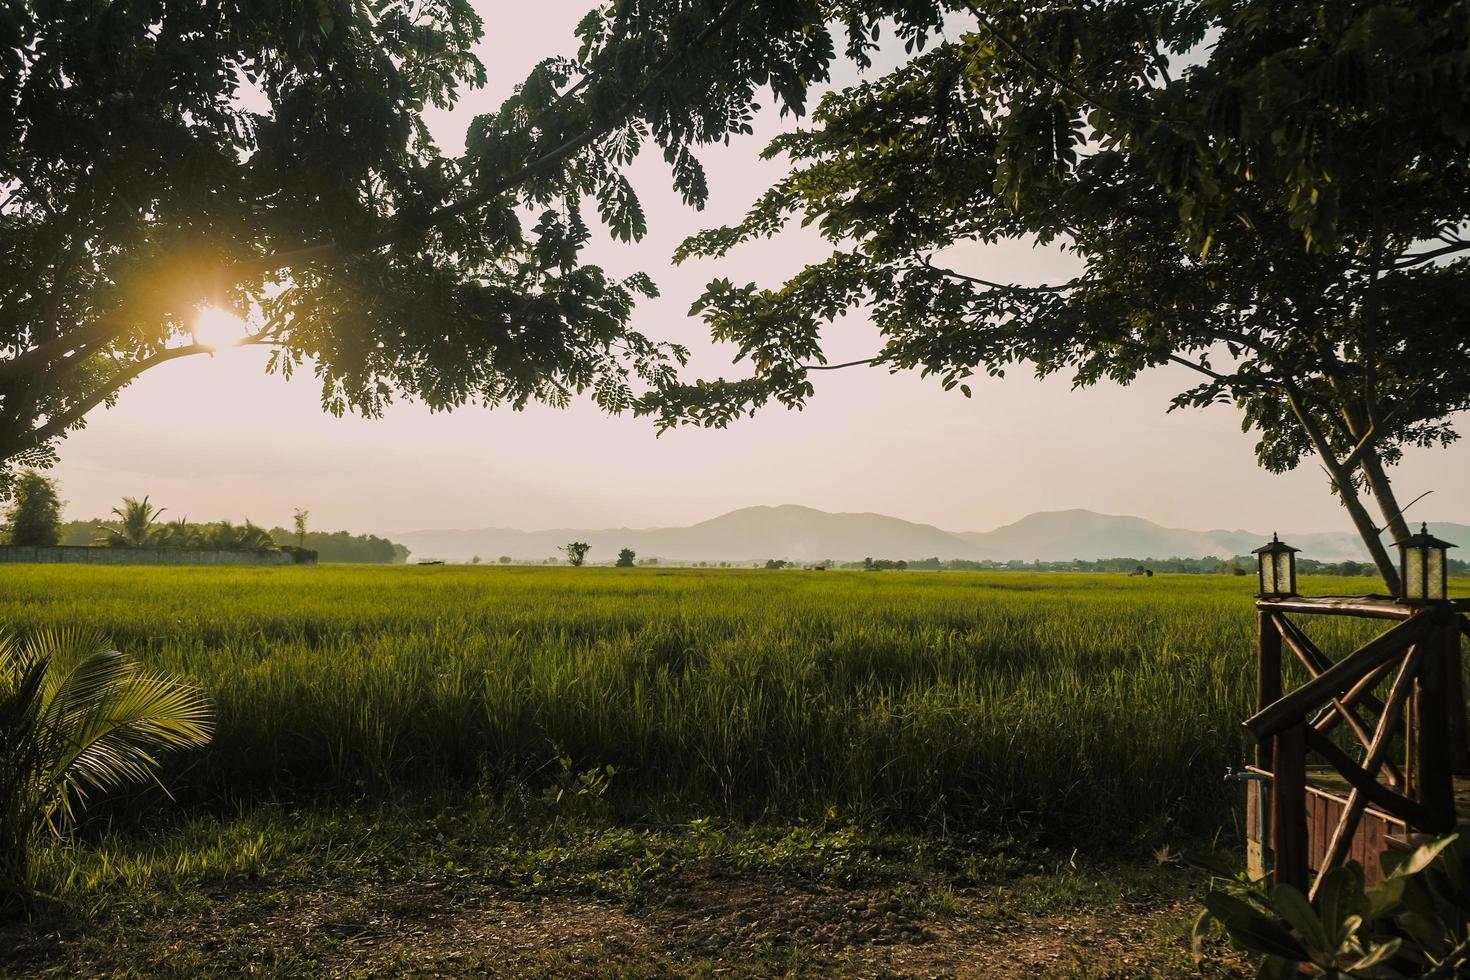 Sonnenuntergang am grünen Reisfeld in der Landschaft foto